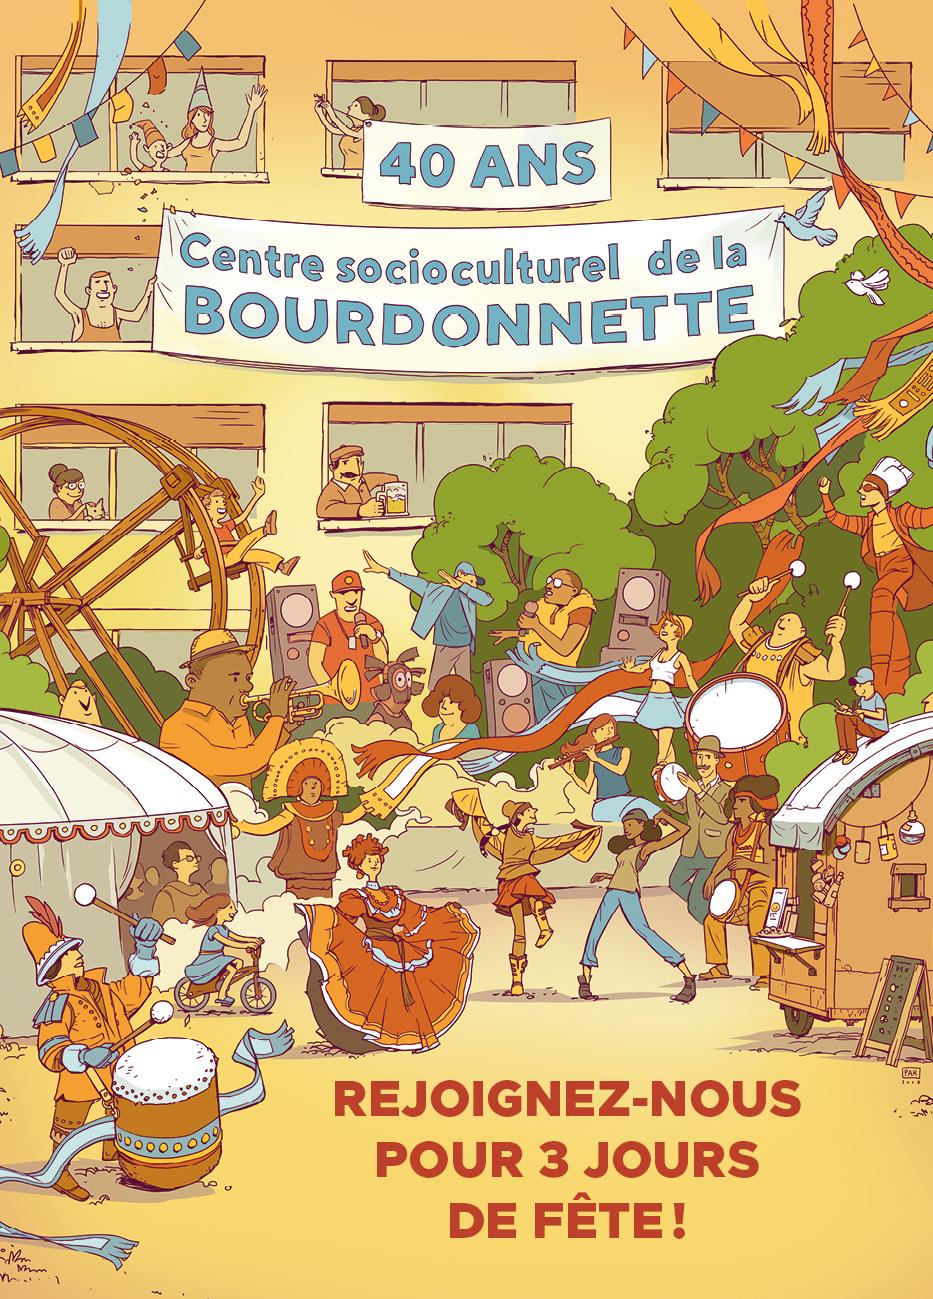 flyer_a5_bourdonnette_2